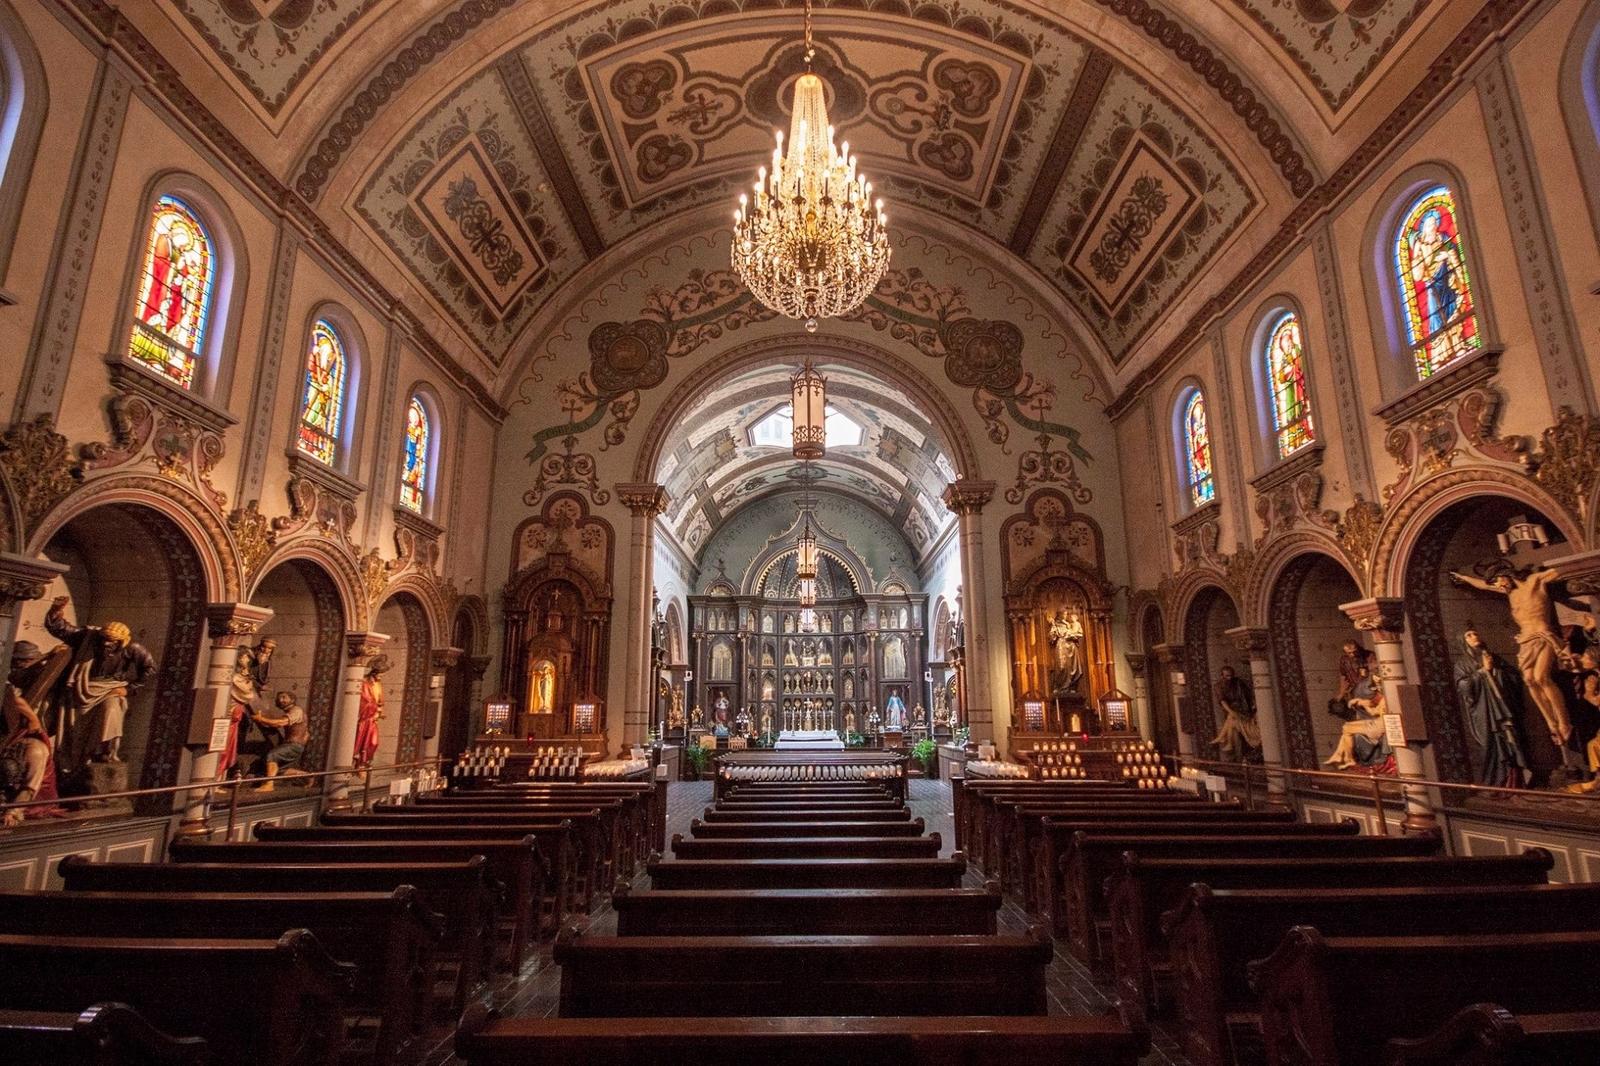 La Colección más Grande de Reliquias Fuera del Vaticano